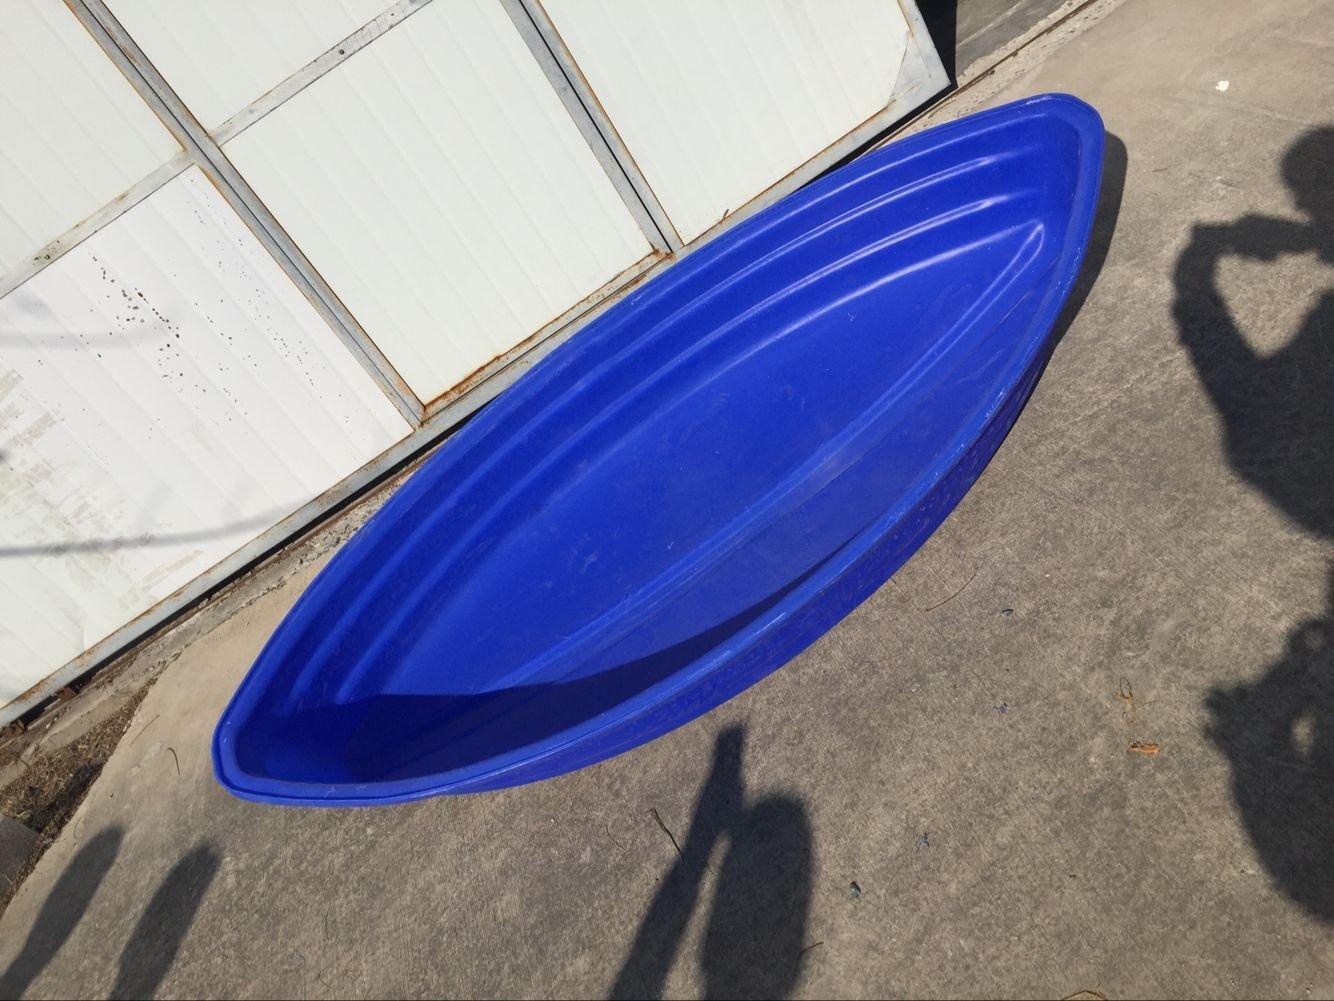 2米瓢型塑料船渔船捕鱼小船加厚pe钓鱼船下网舟橡皮艇塑胶船外机